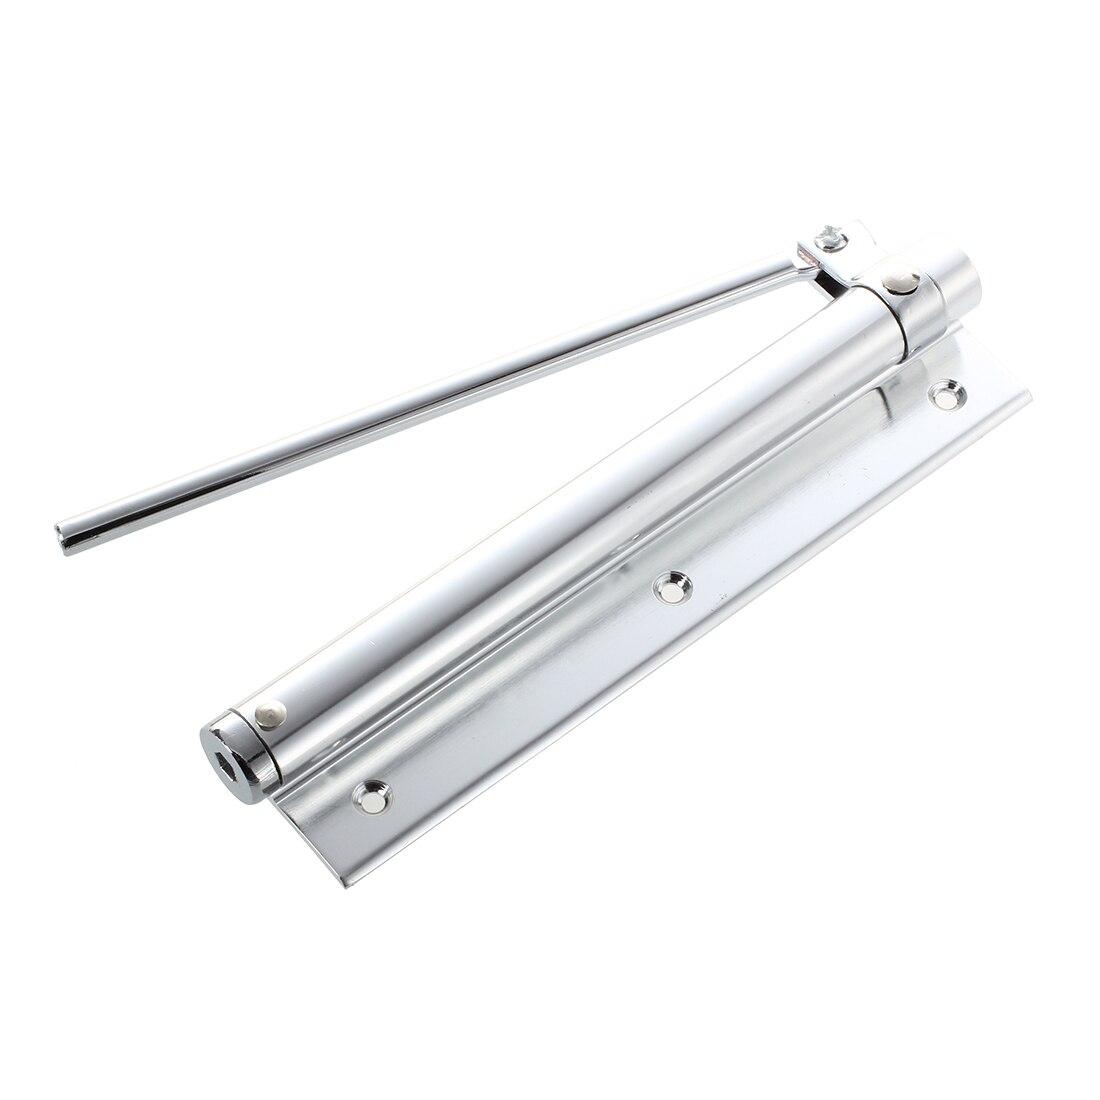 Silver tone alloy 18.03 cm long aluminum automatic door closerSilver tone alloy 18.03 cm long aluminum automatic door closer